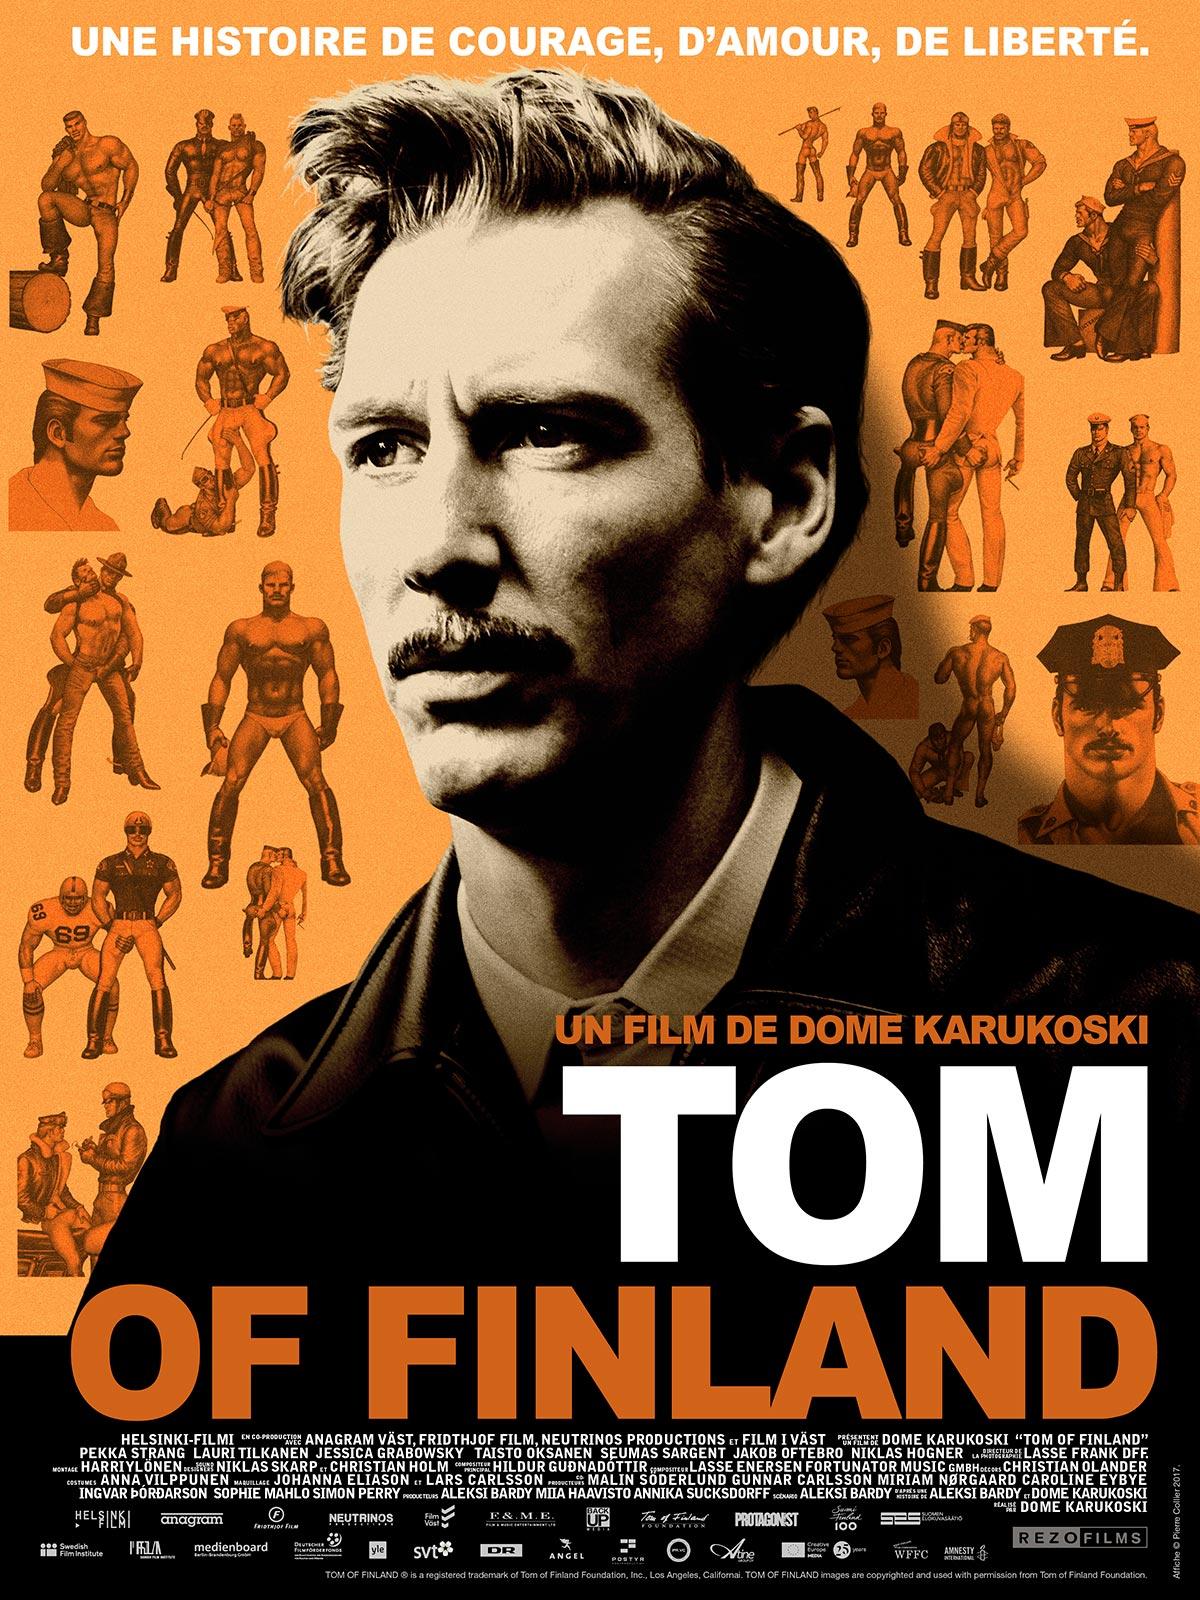 """Résultat de recherche d'images pour """"tom of finland"""""""